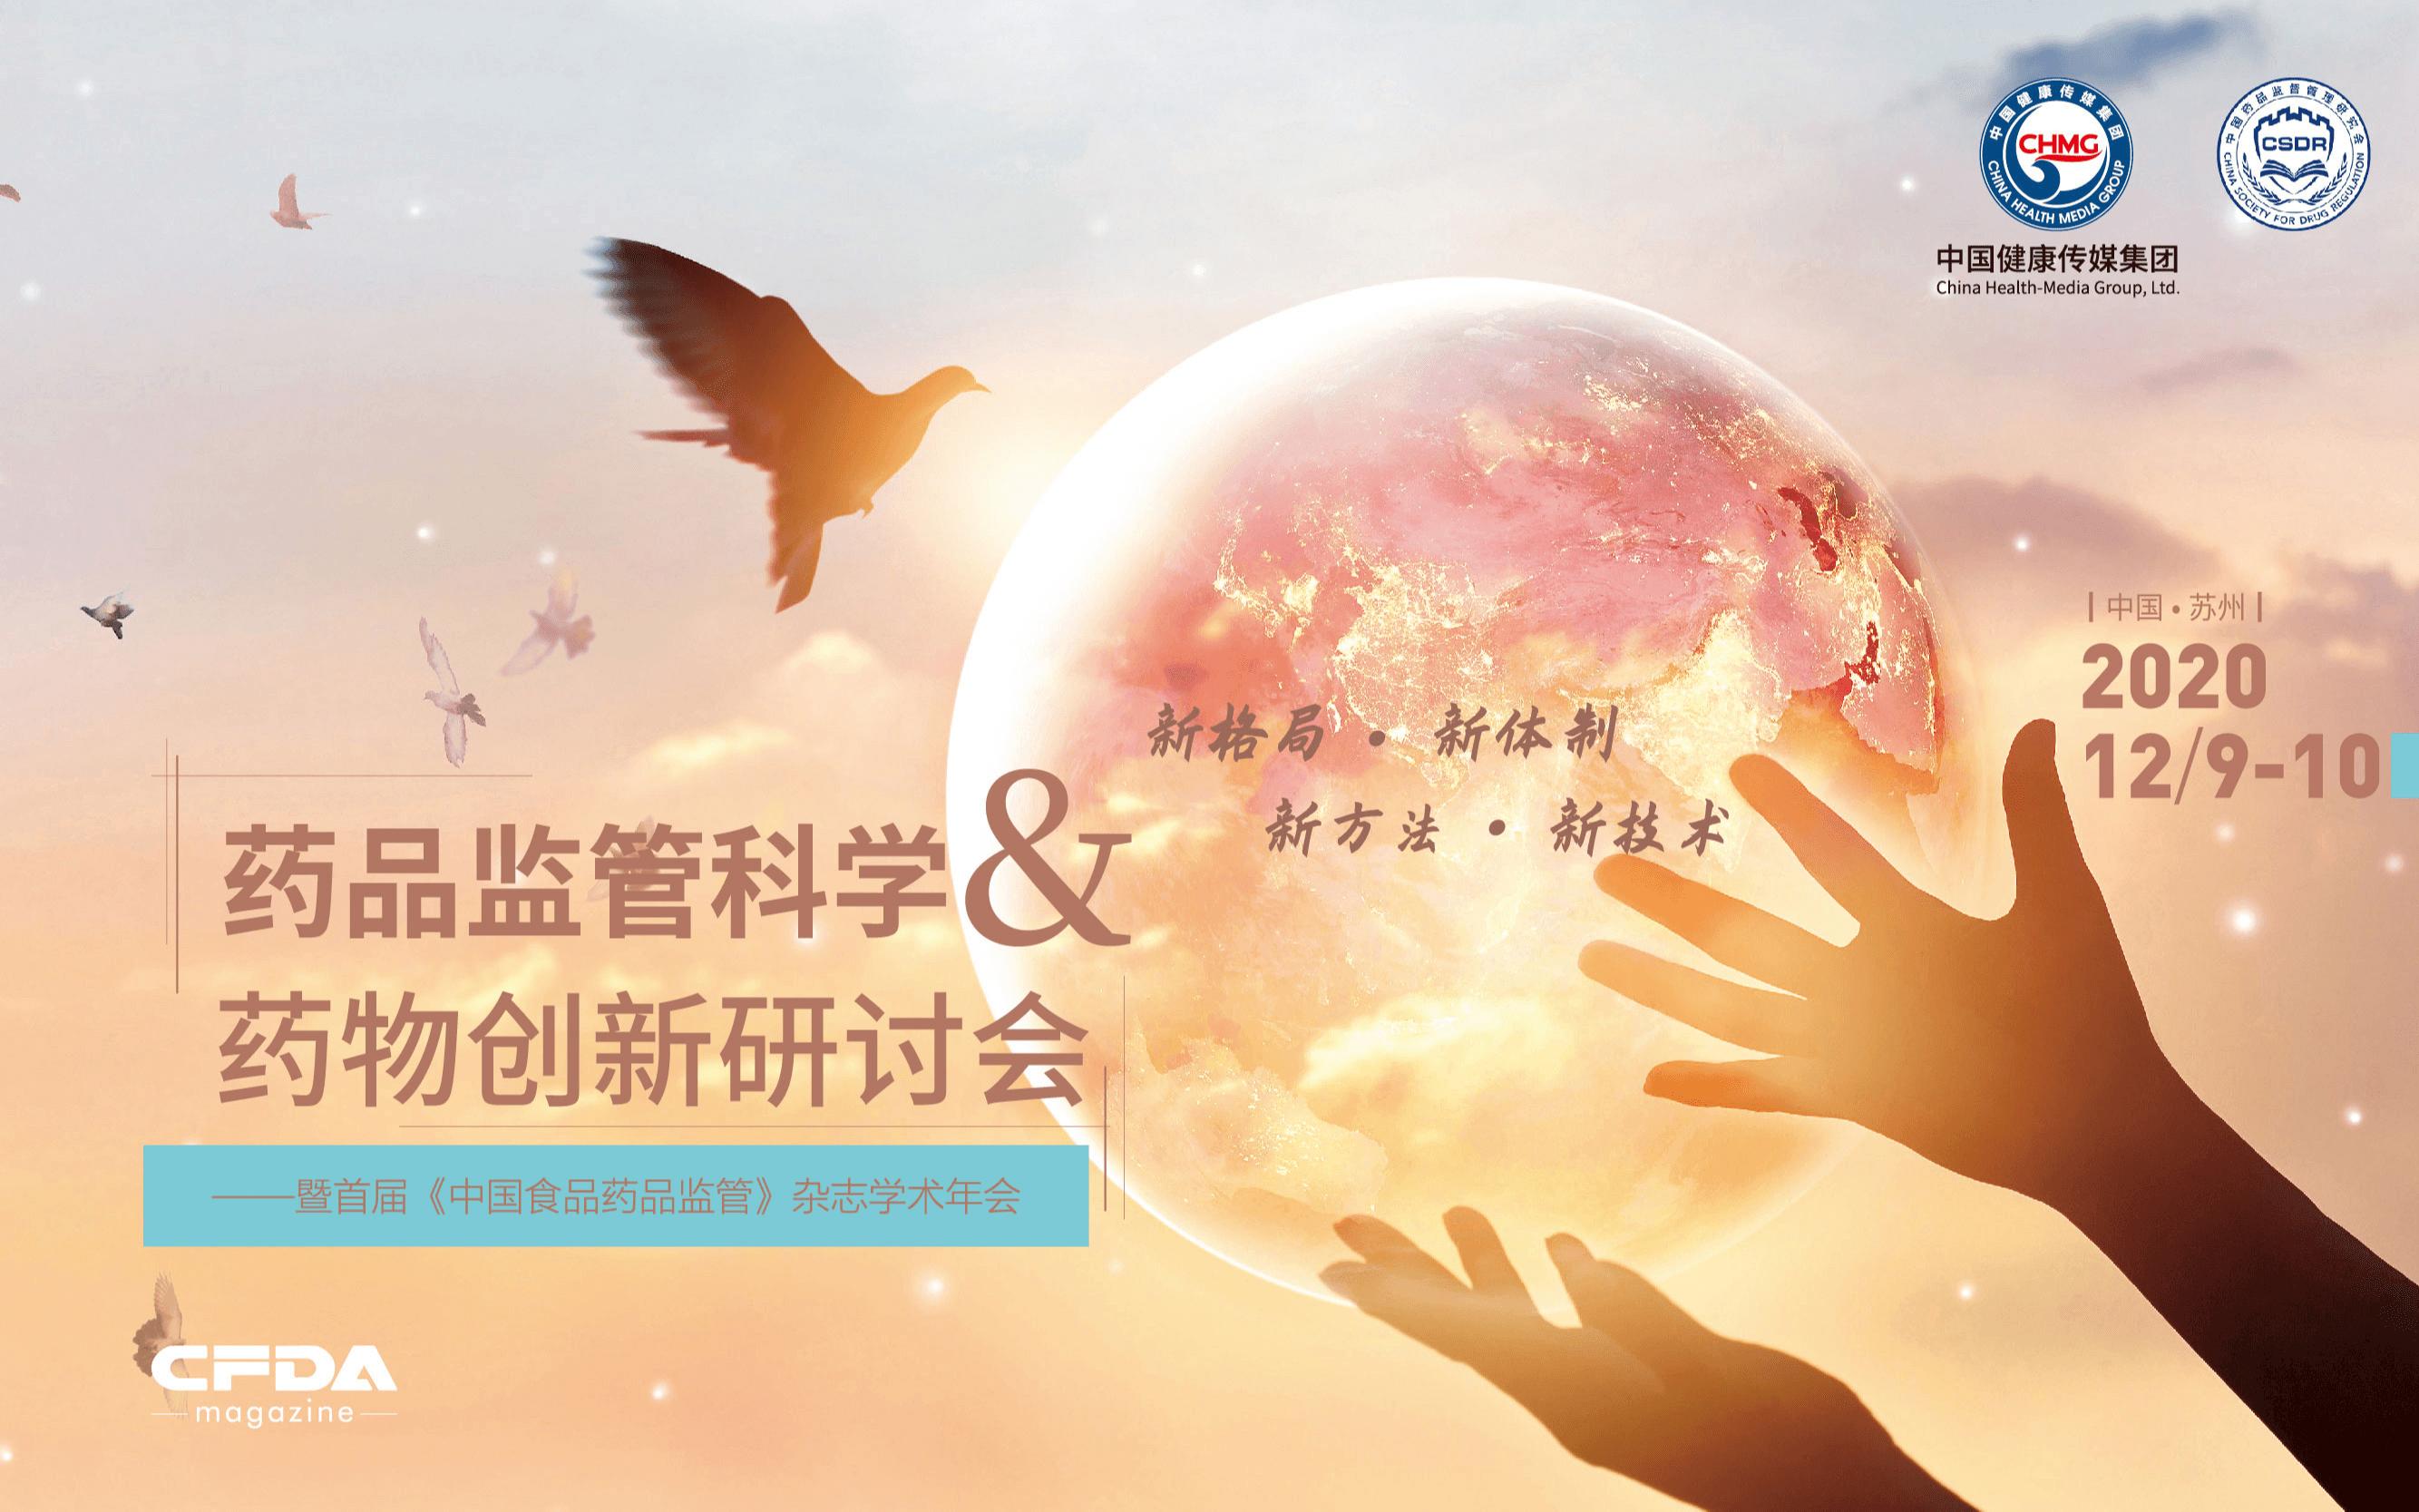 药品监管科学&药物创新研讨会 ——暨首届《中国食品药品监管》杂志学术年会